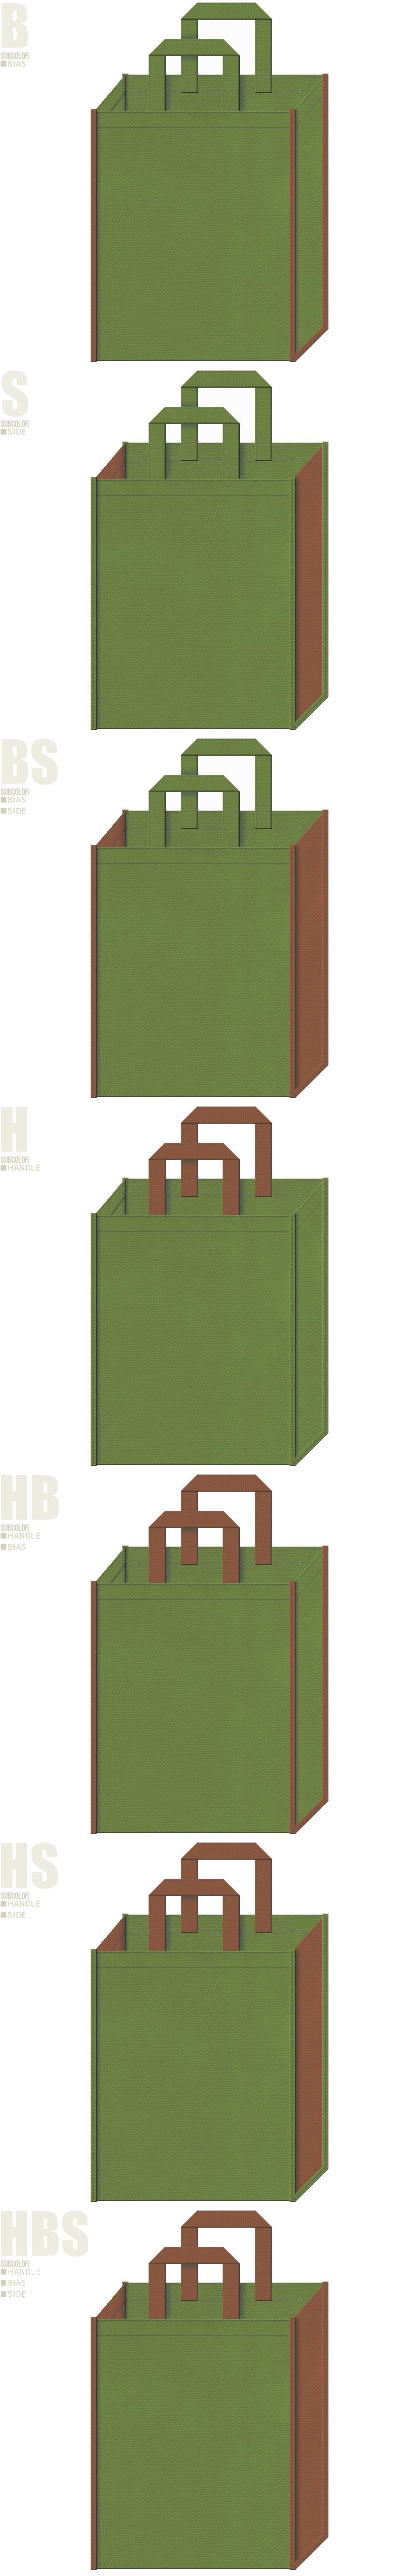 草餅・茶店・茶道工芸品の展示会用バッグにお奨めの不織布バッグデザイン:草色と茶色の不織布バッグ配色7パターン。